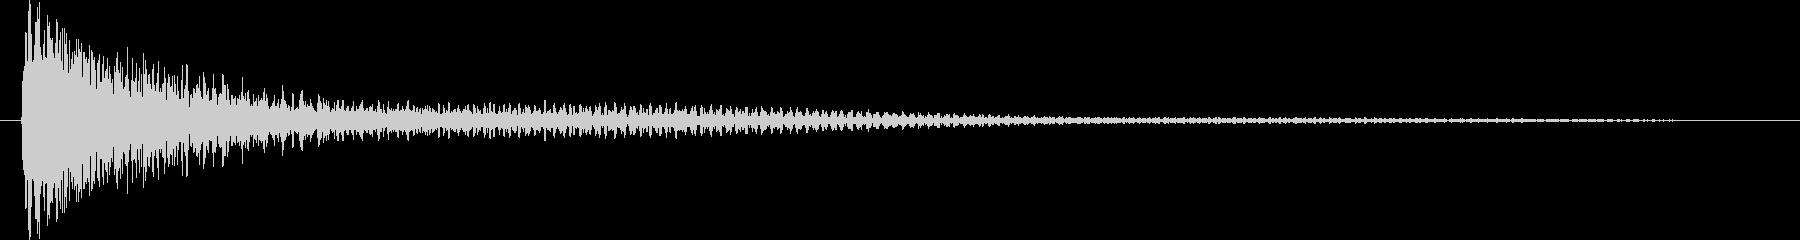 ガーンと言うショックなピアノ効果音高音の未再生の波形